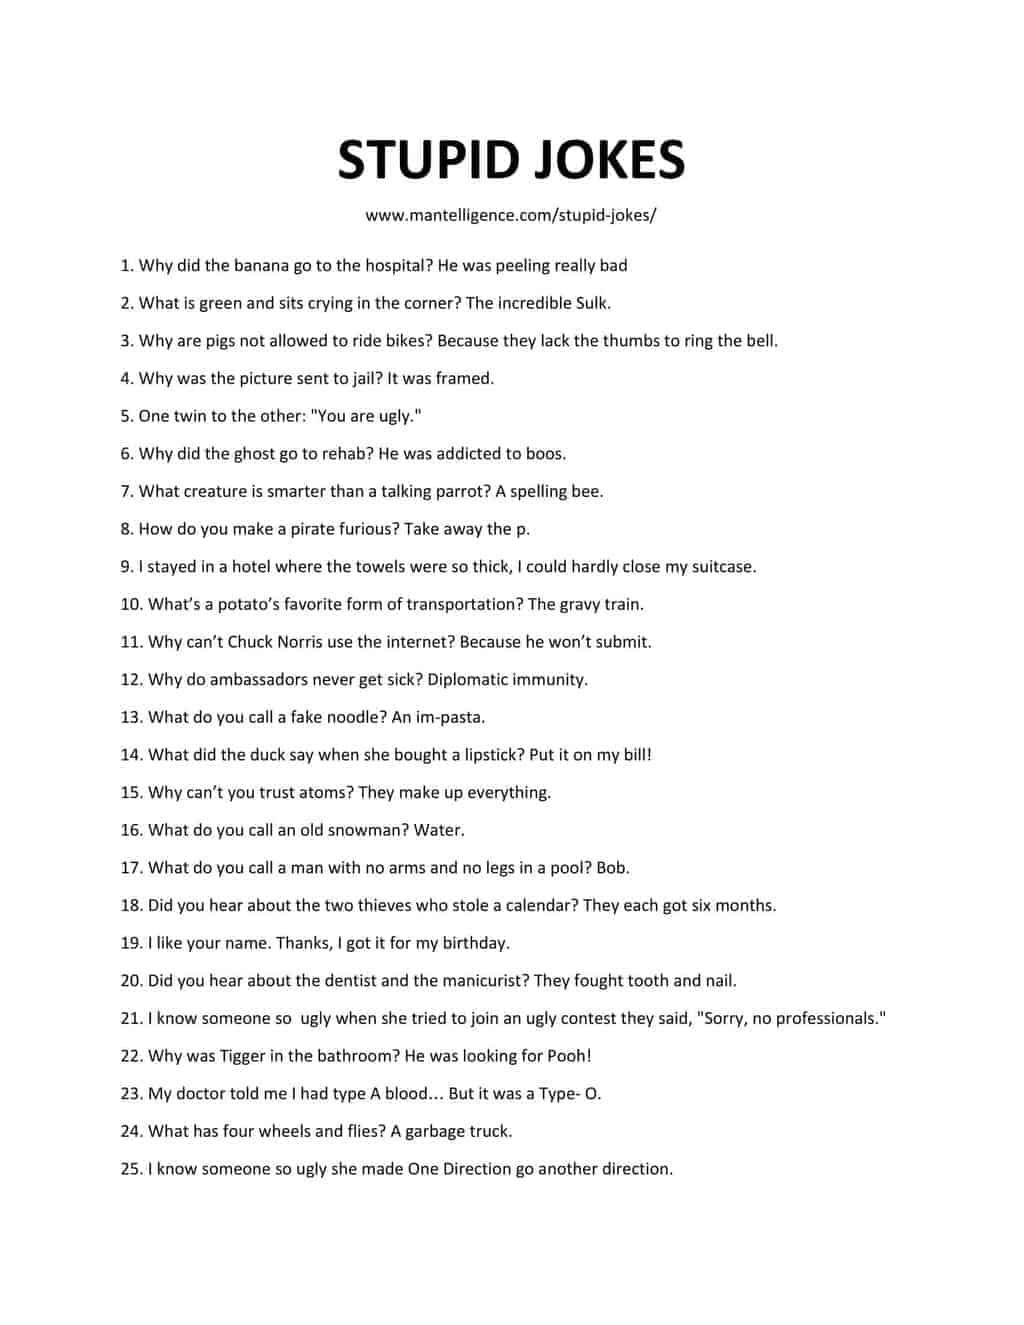 list of stupid jokes